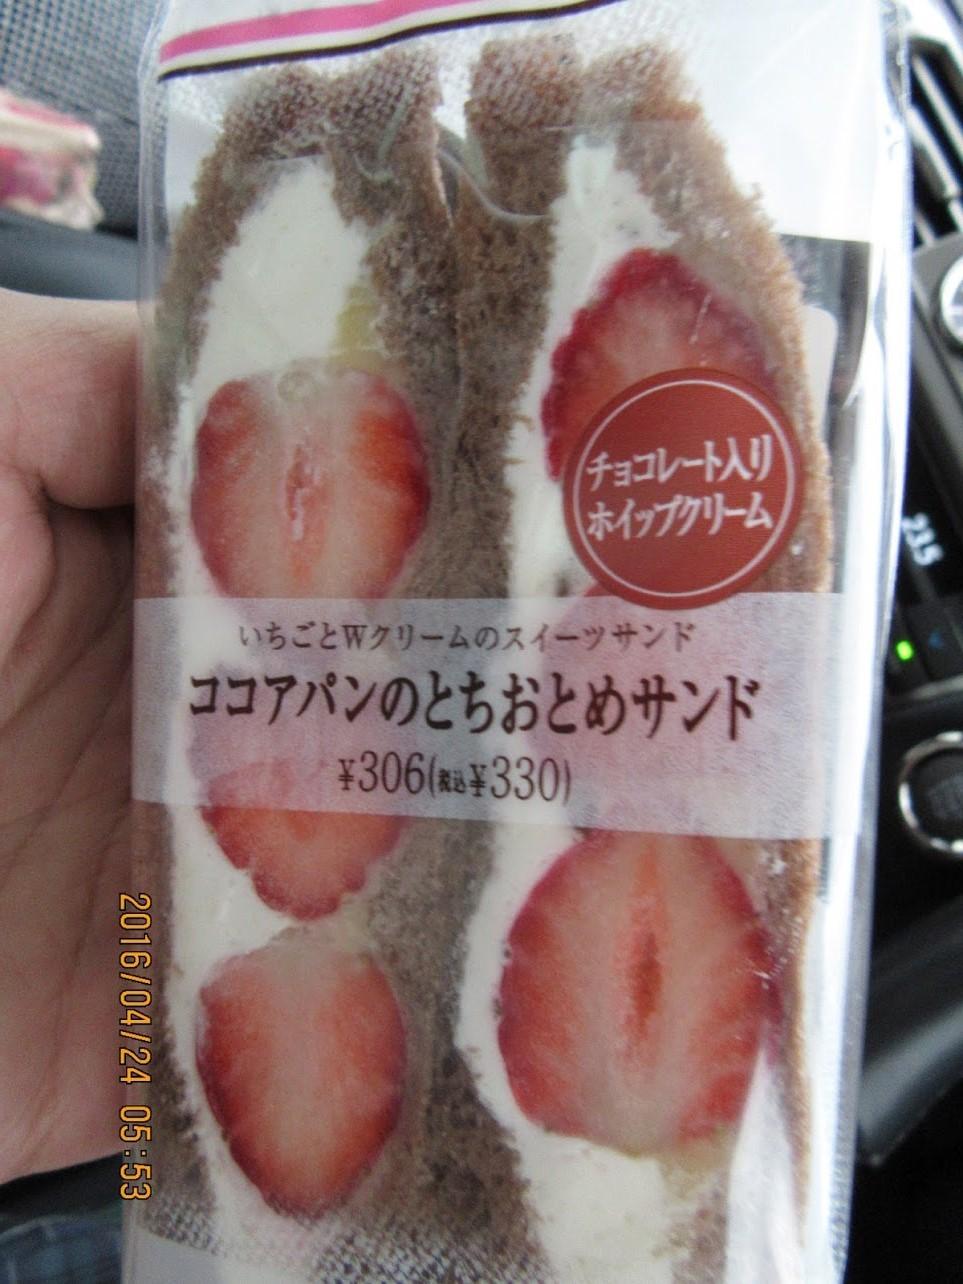 セブンイレブン 西方バイパス店 name=